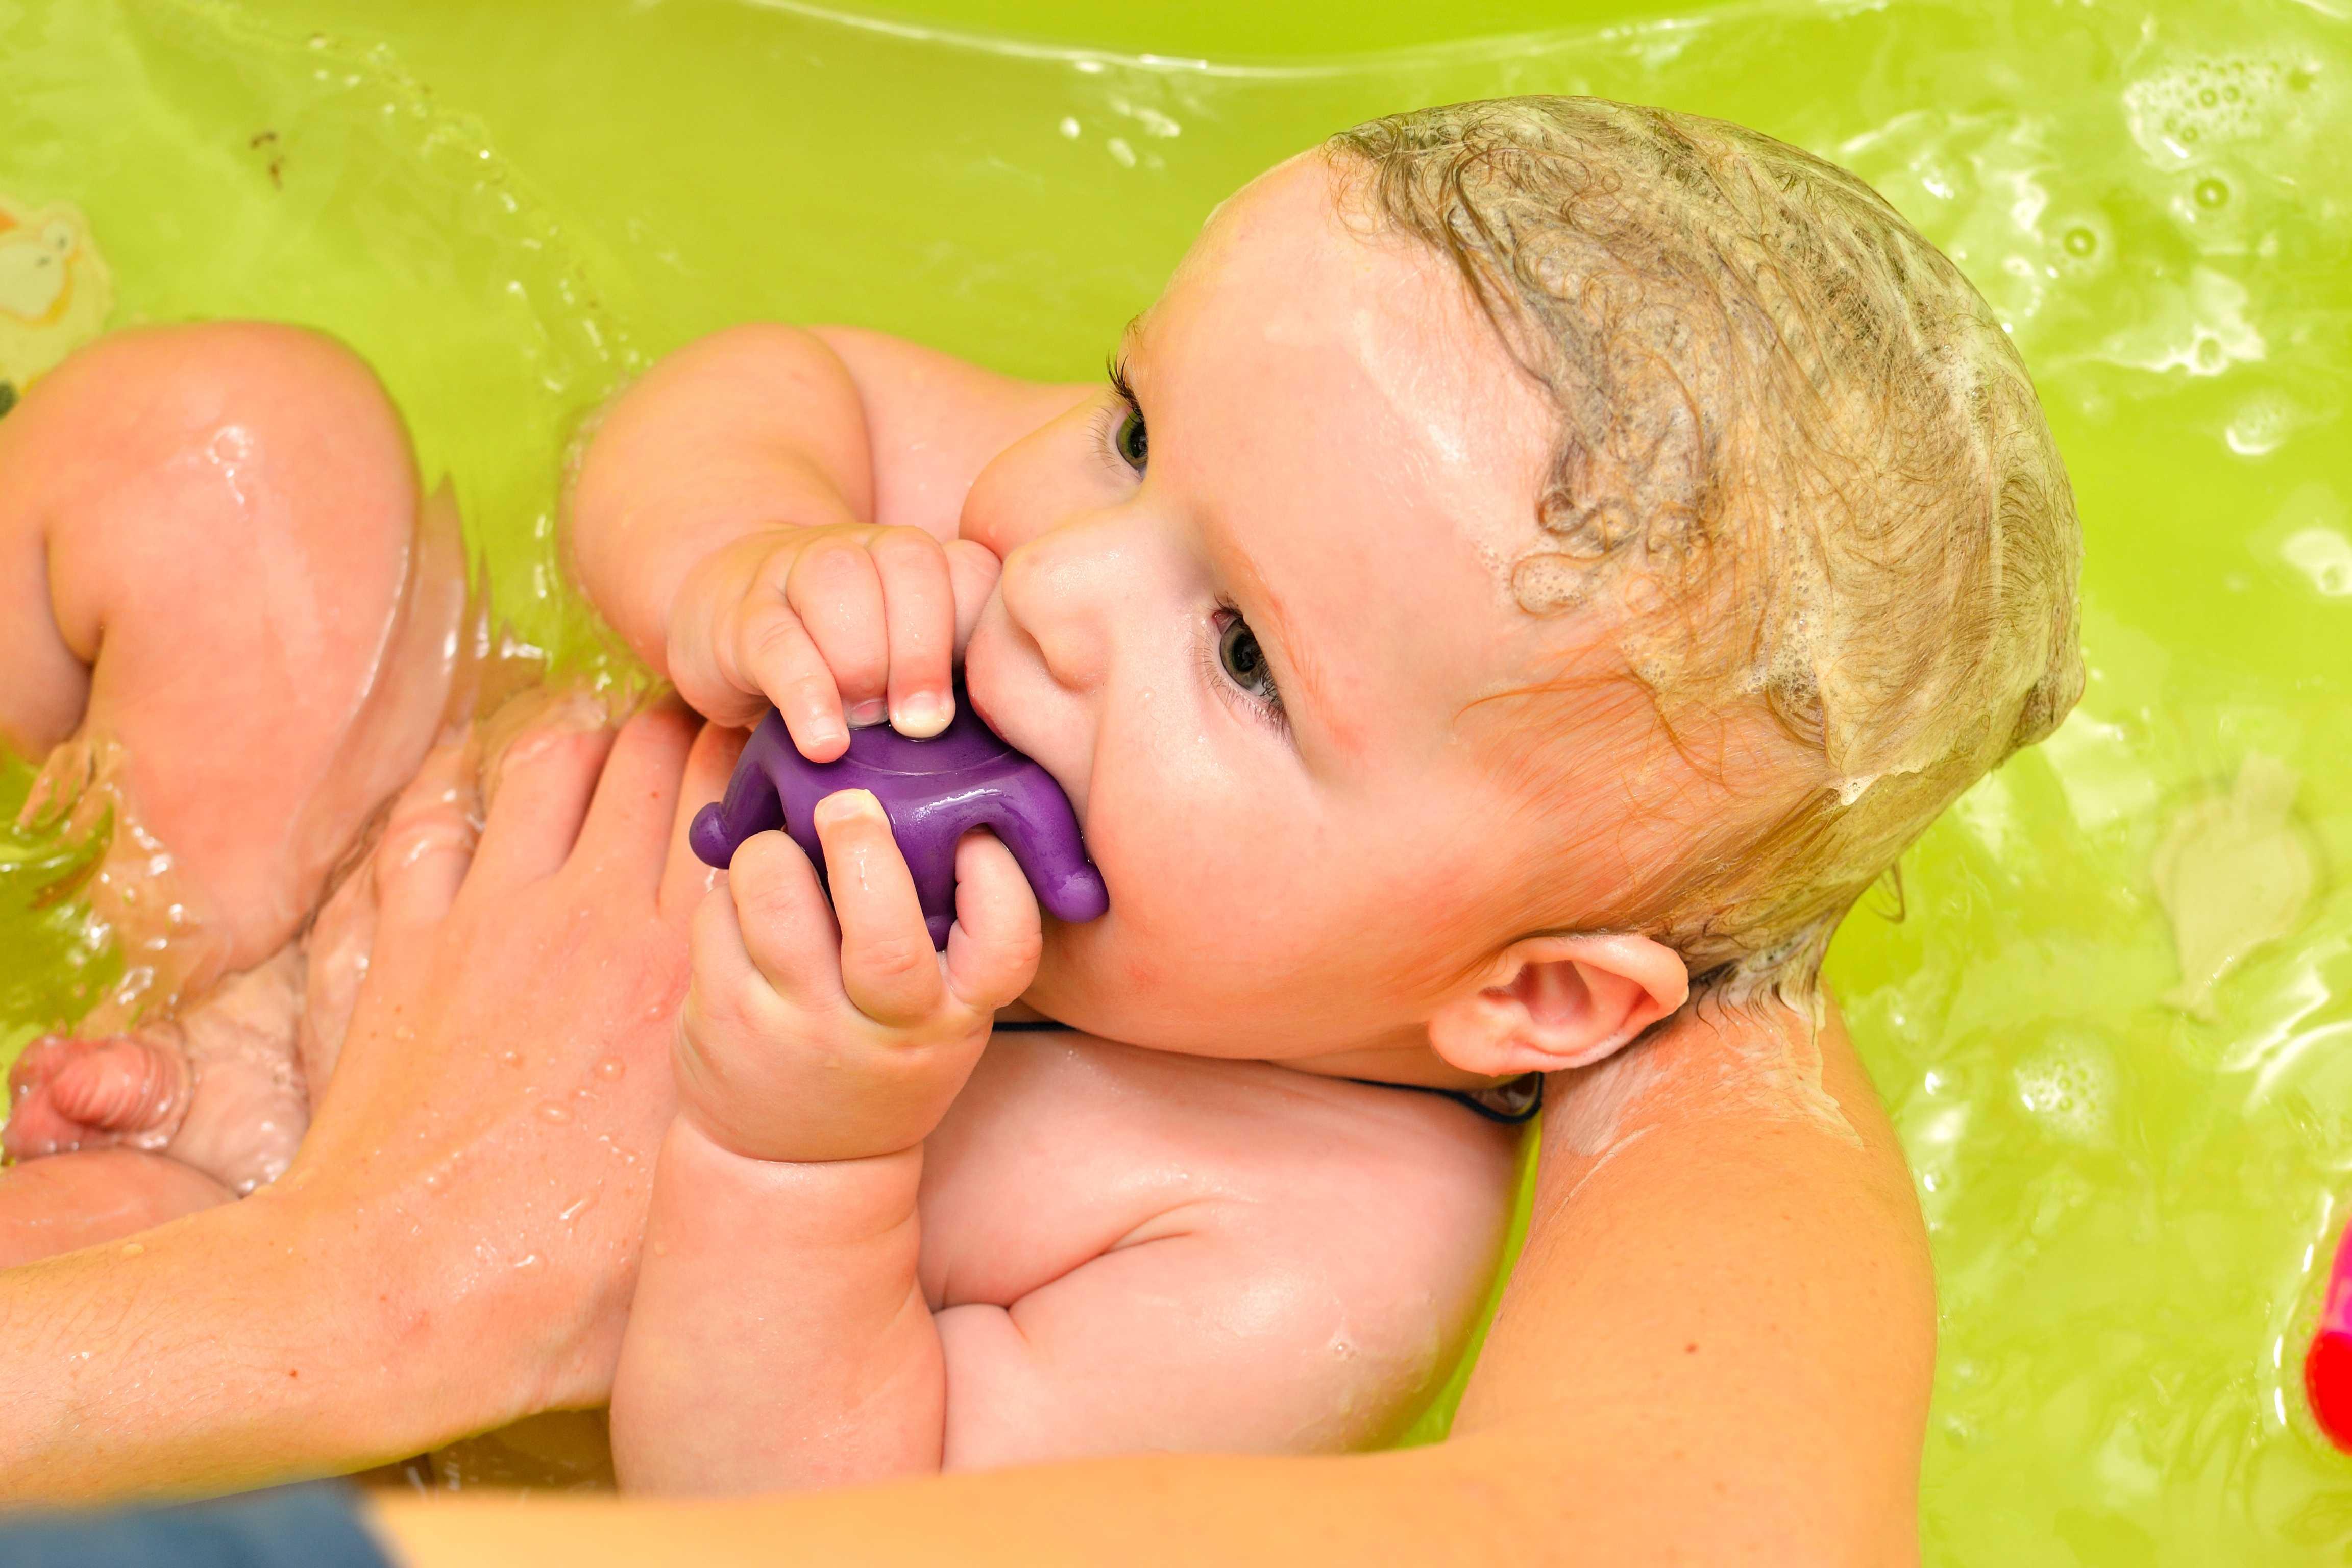 Купание новорожденных: в какое время лучше, можно после или до кормления